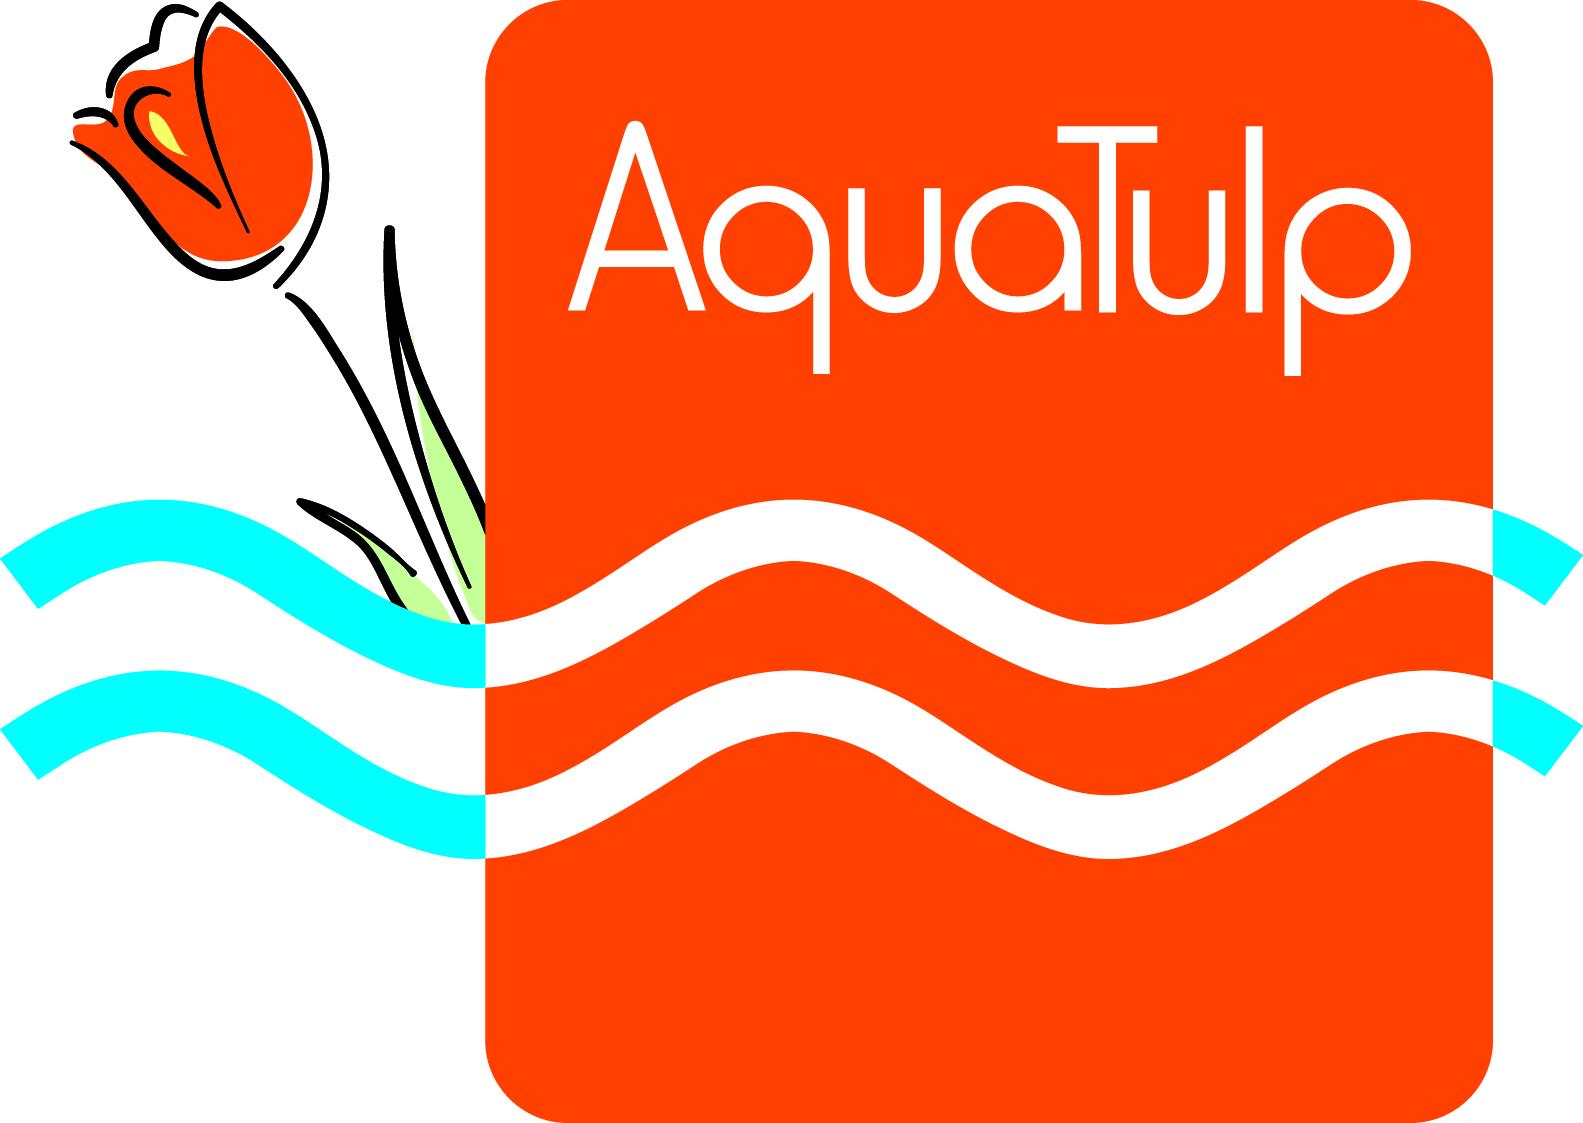 logo Aquatulp